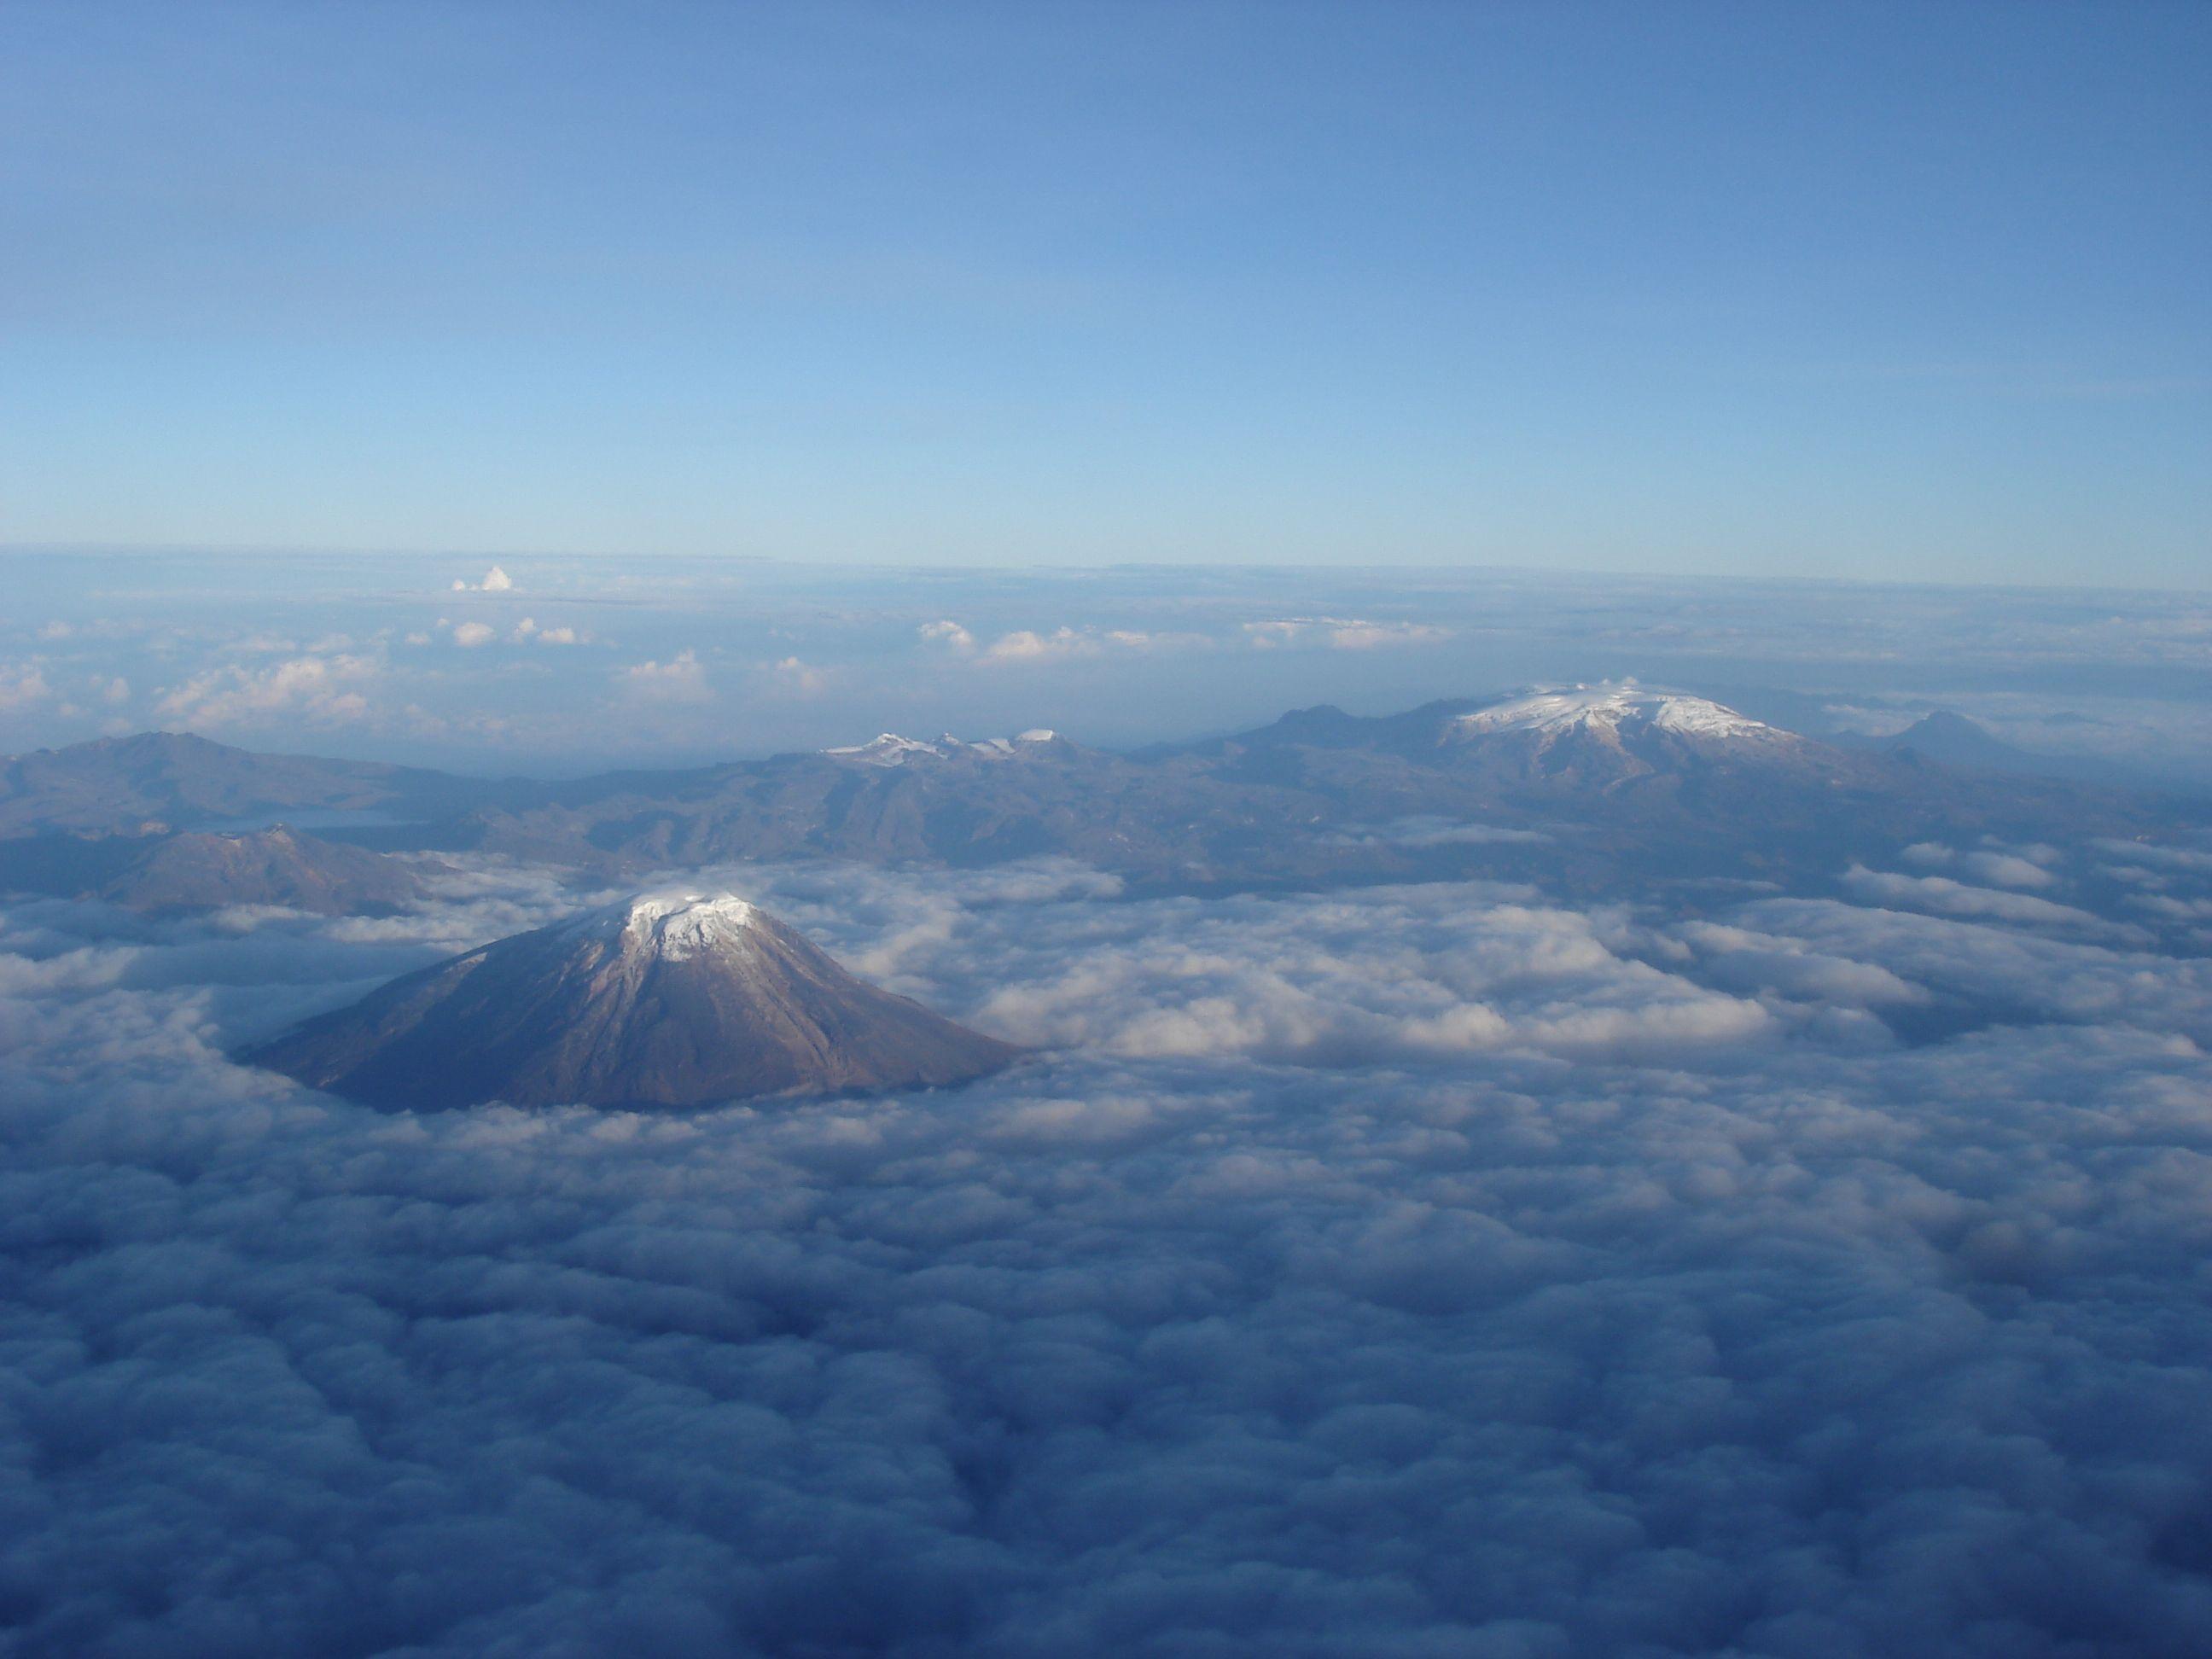 Sierra Nevada de Santa Marta, the highest coastal mountain ...